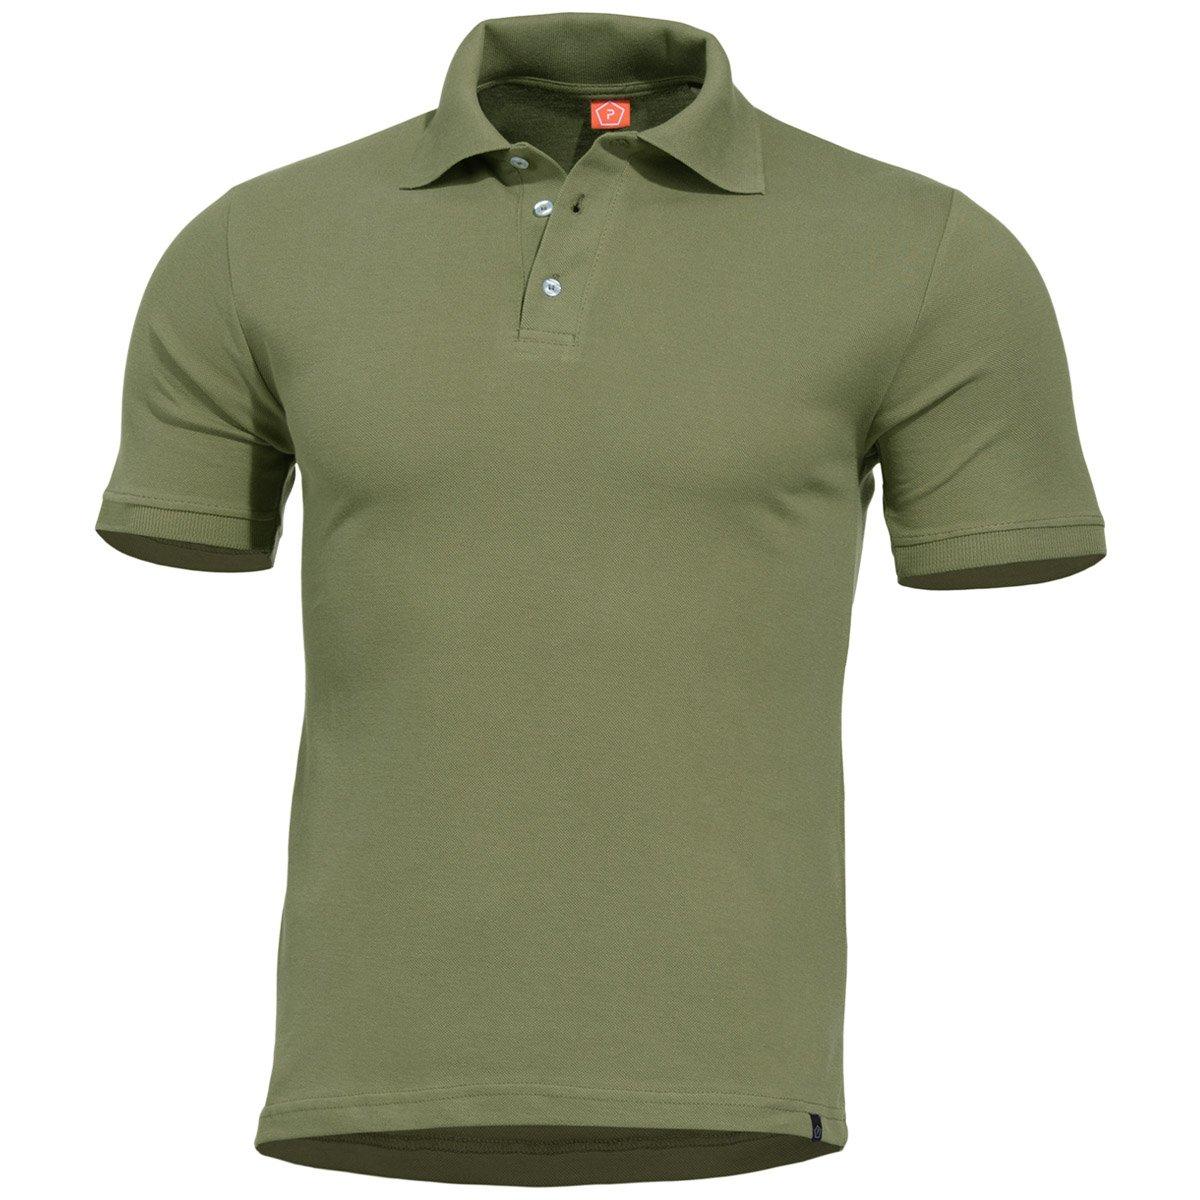 Pentagon Hombres Sierra Polo Camiseta Oliva: Amazon.es: Ropa y ...